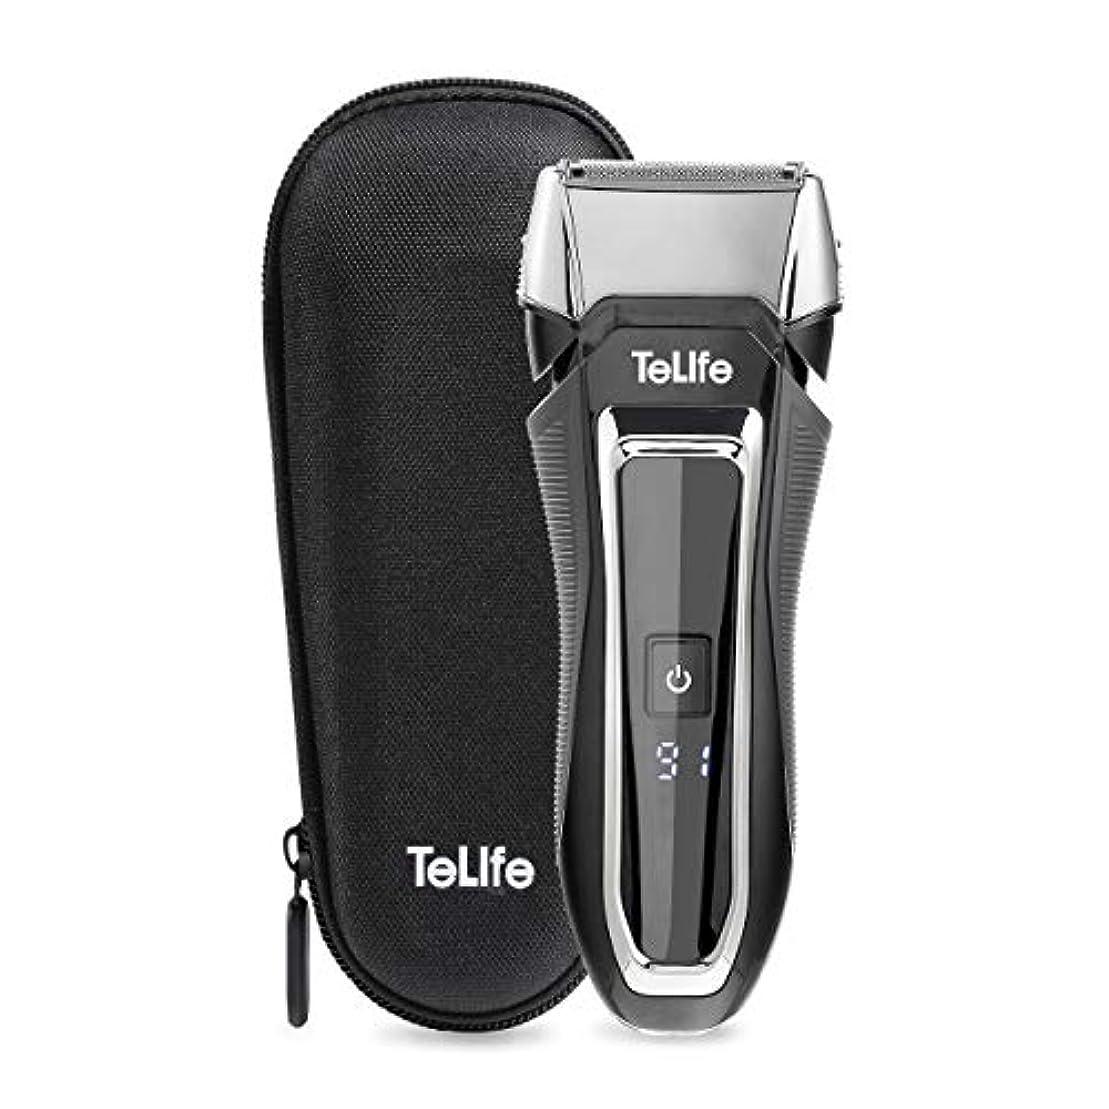 深める確率ますますTeLife ひげそり 電動 メンズシェーバー 往復式 シェーバー 3枚刃 髭剃り 水洗い/お風呂剃り可 急速充電 電気シェーバー (ブラック)